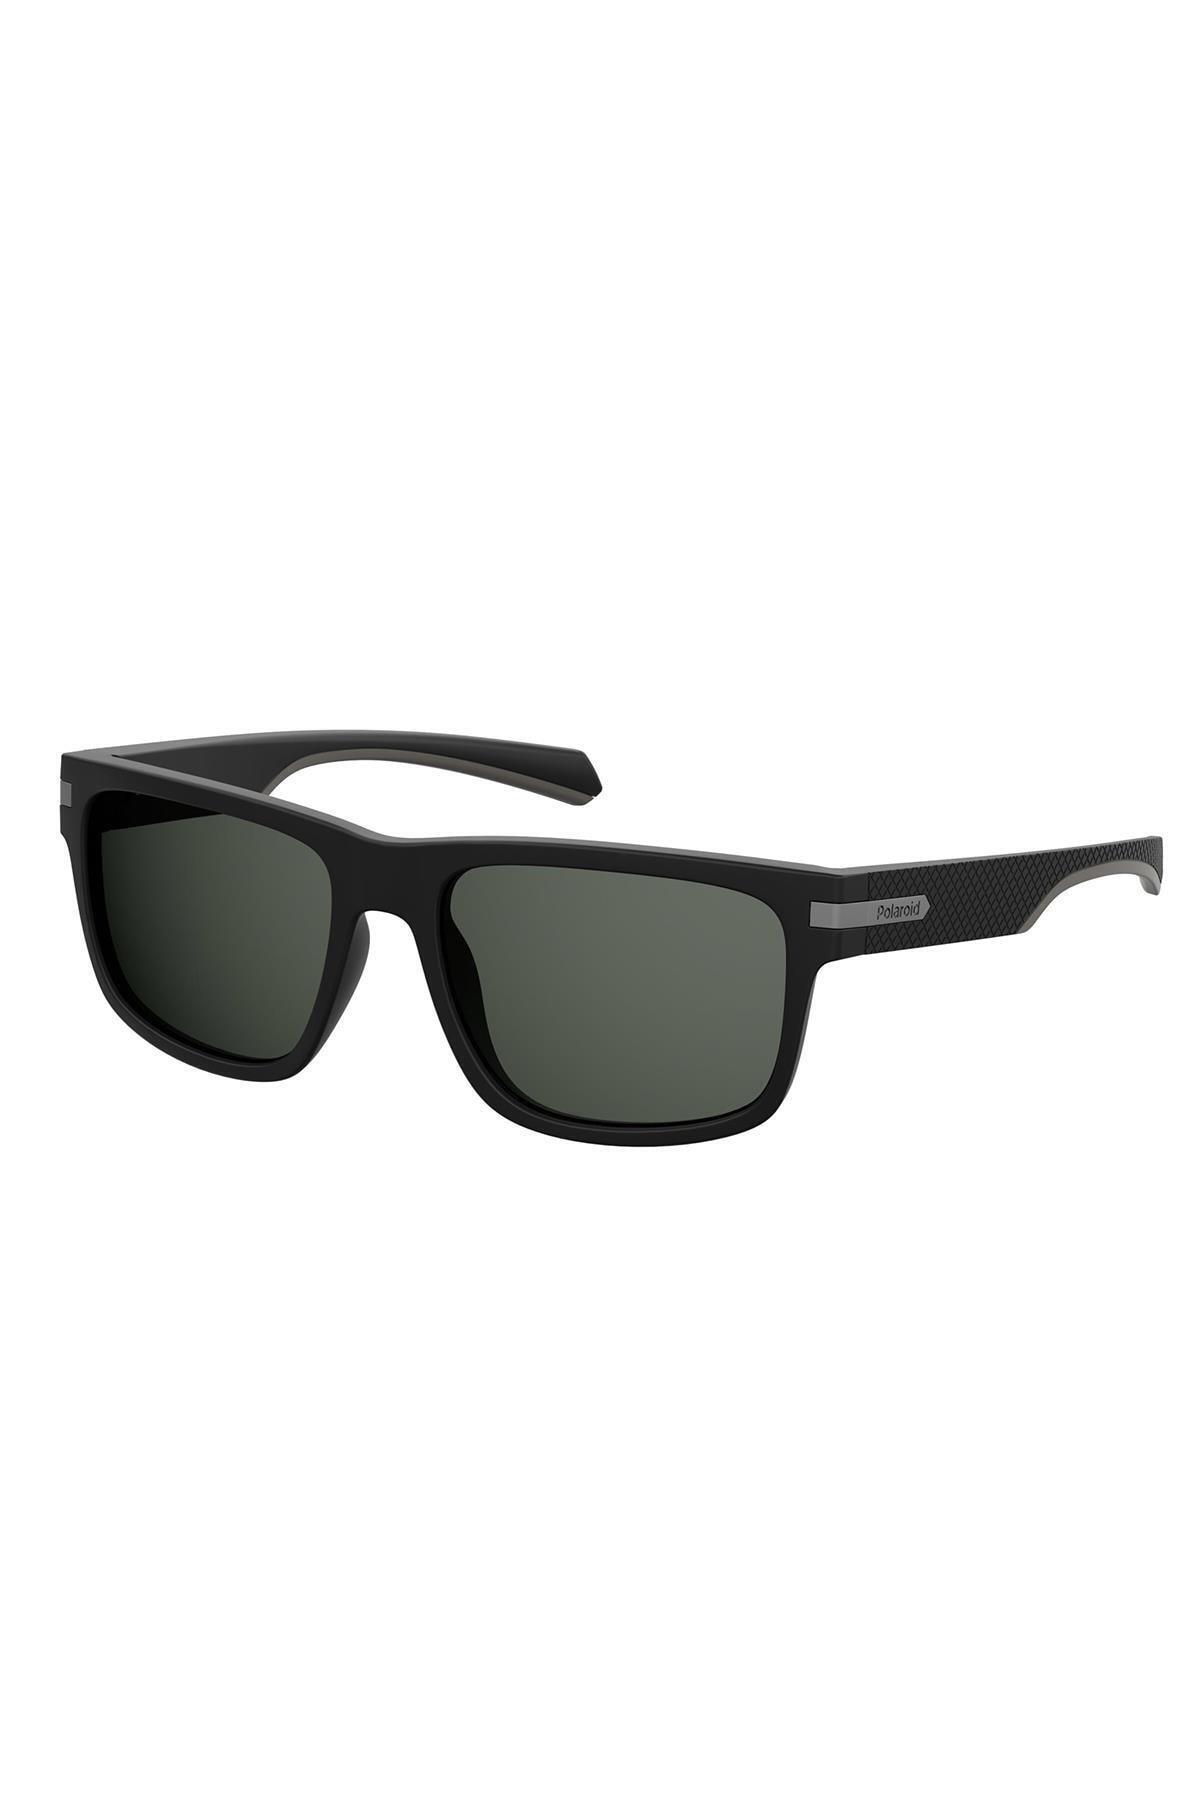 خرید انلاین عینک دودی مردانه خاص برند Polaroid رنگ مشکی کد ty4488242